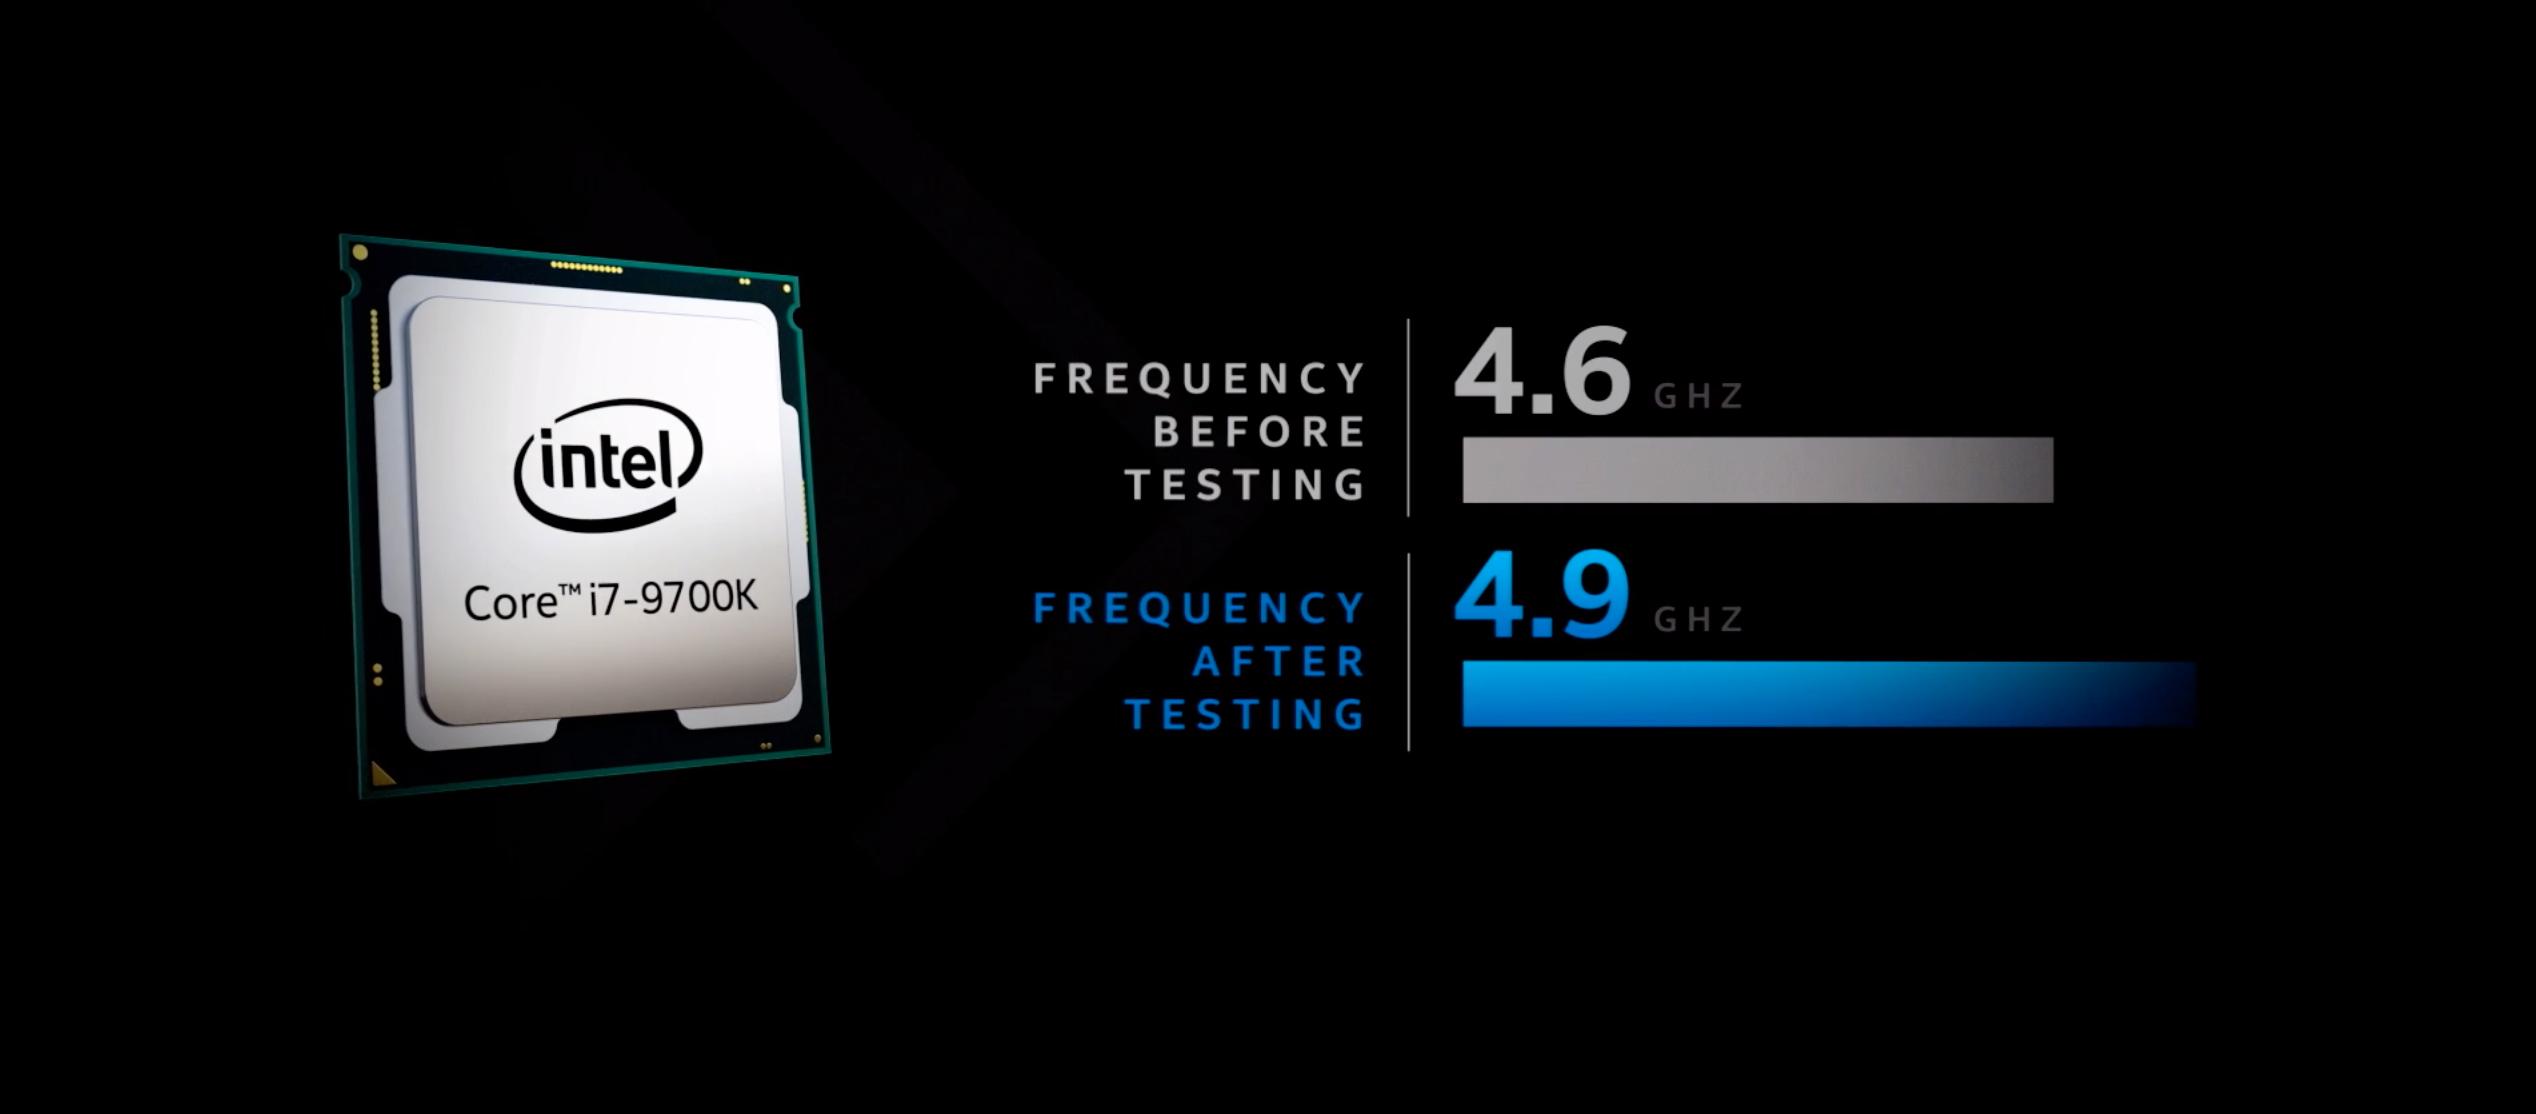 I eksempelet fra Intel økte klokkefrekvensen til en i7-9700K med 300 MHz ved bruk av IPM. Resultatet vil imidlertid variere fra modell til modell.